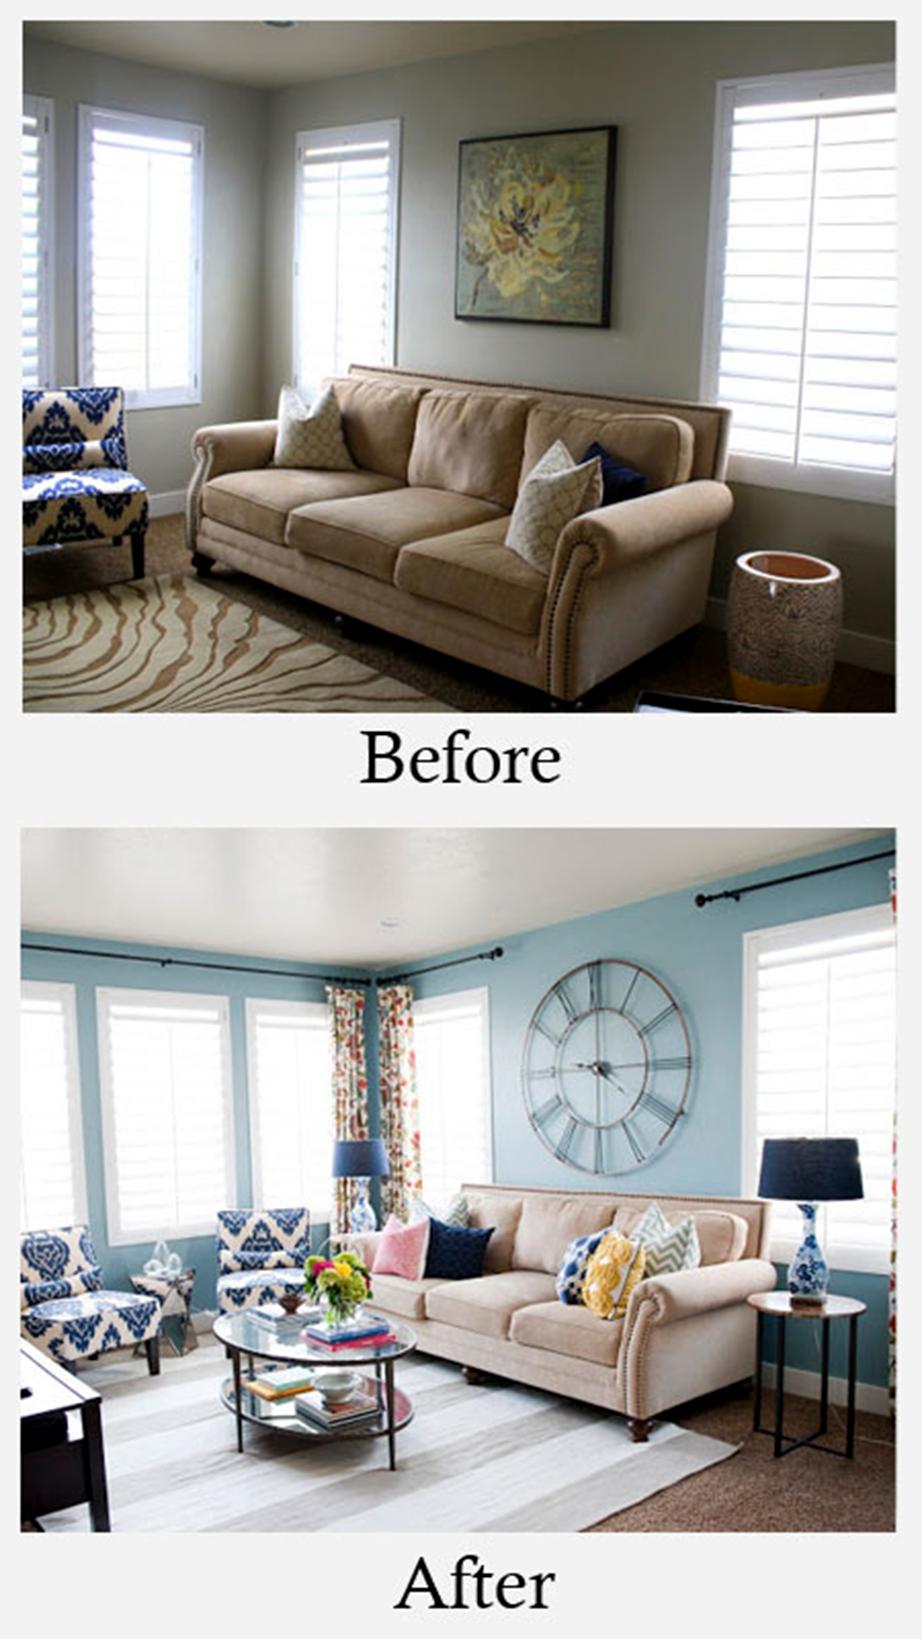 Αλλαγή χρώματος στους τοίχους, βοηθητικών επίπλων και επιδαπέδιου χαλιού. Από το House of Jade